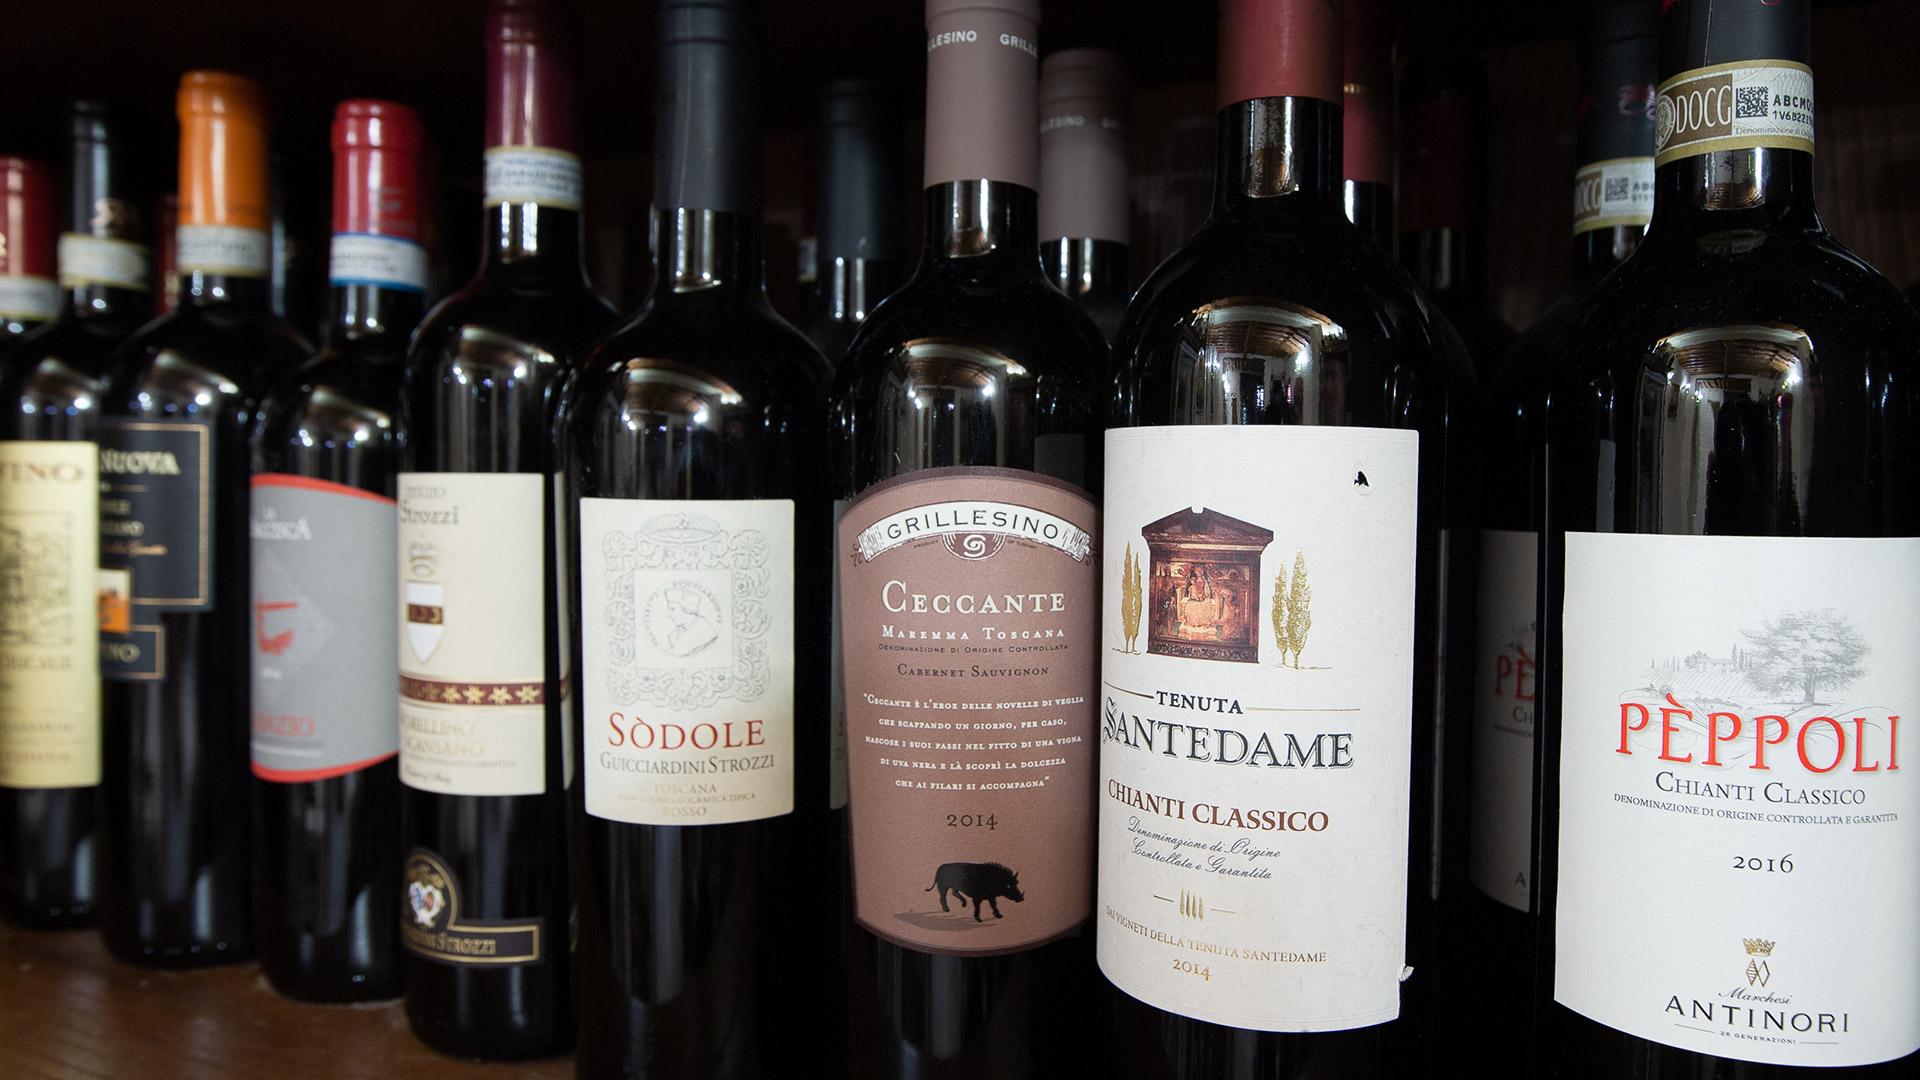 Vini Rossi Toscani selezionati delle migliori cantine - Carta dei vini Ristorante Firenze Giglio Rosso